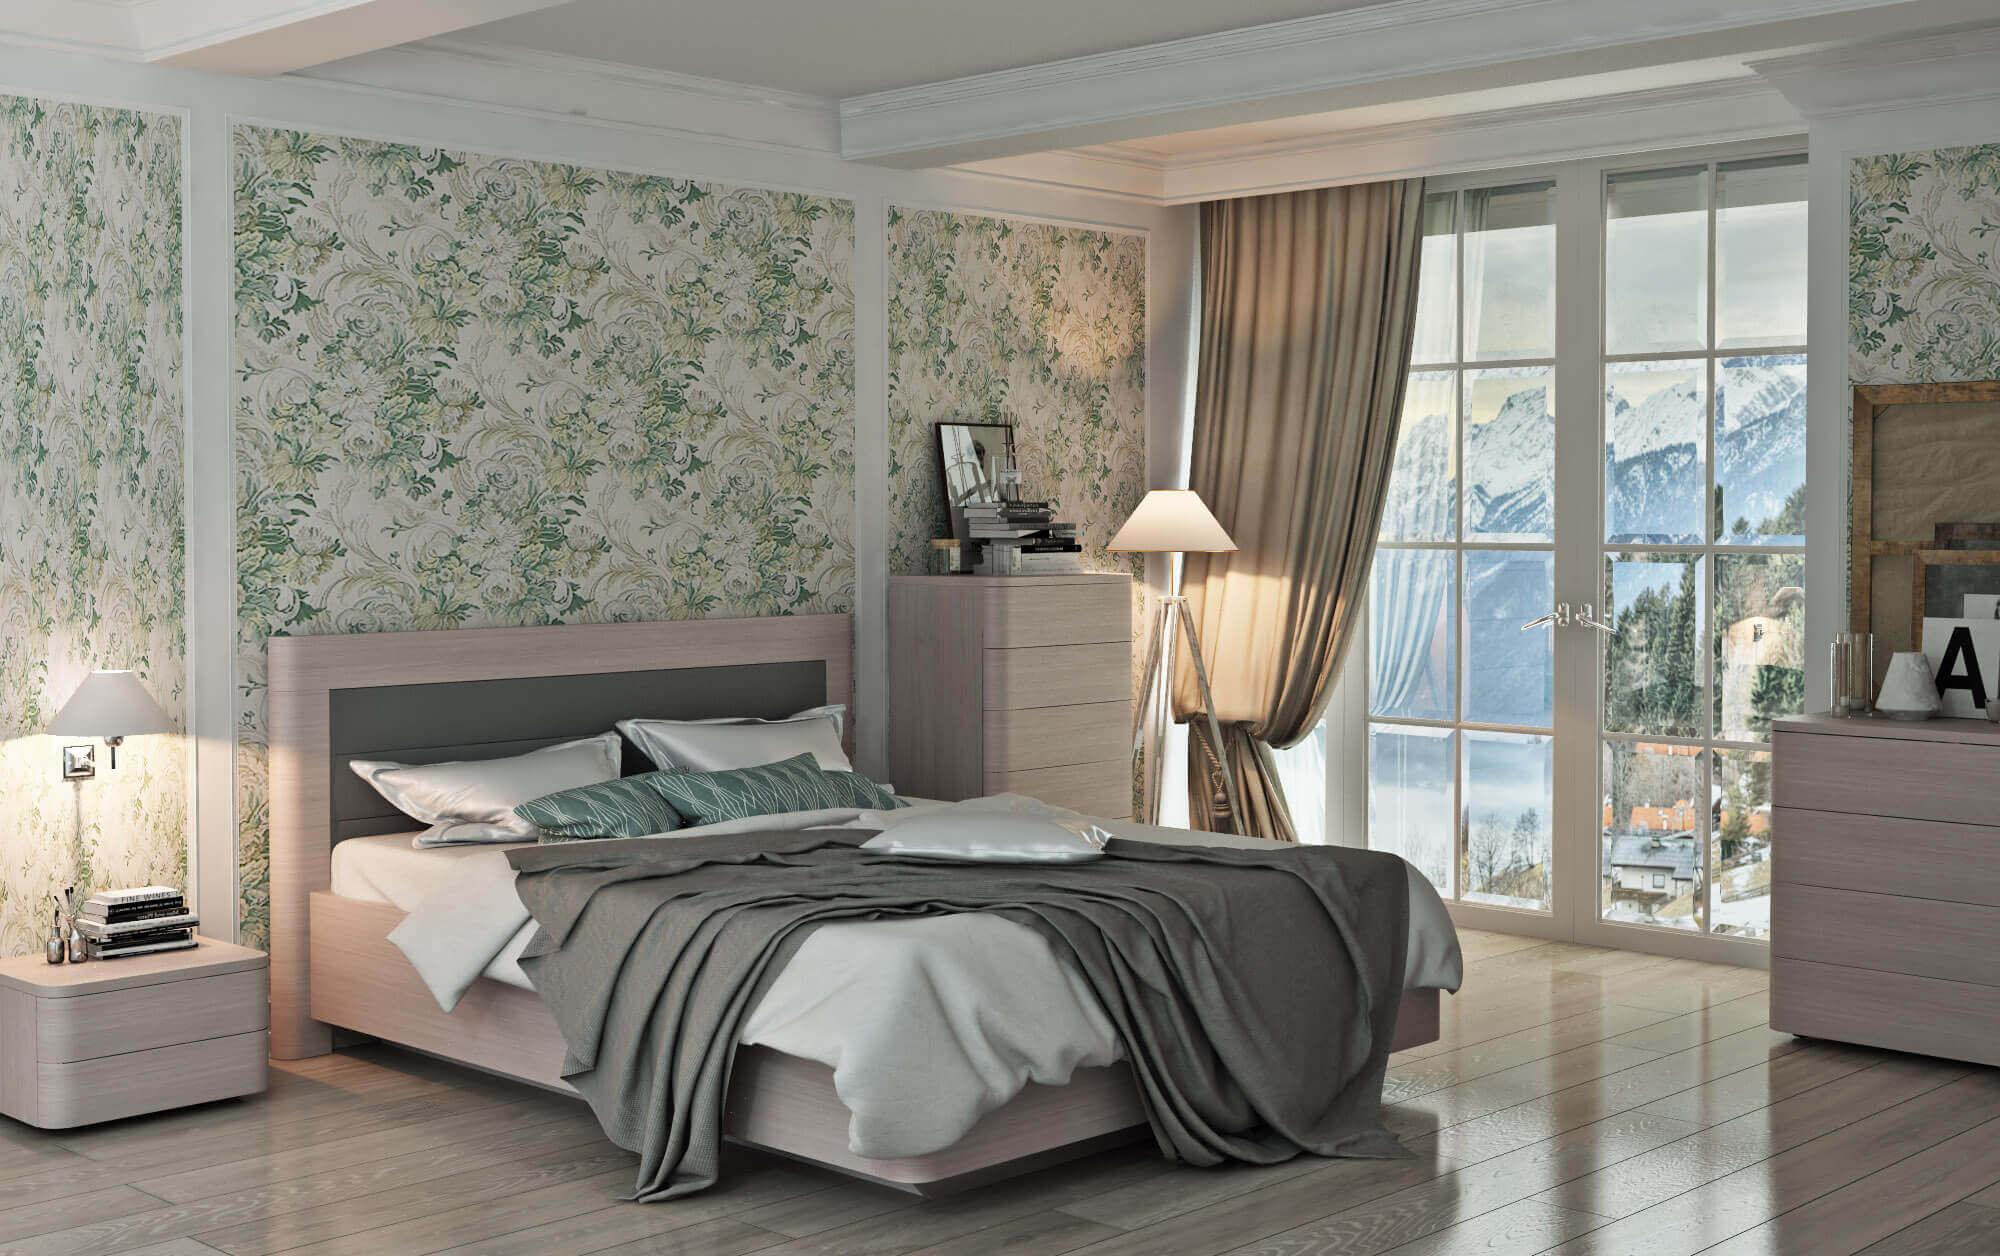 Cora спальня Enran